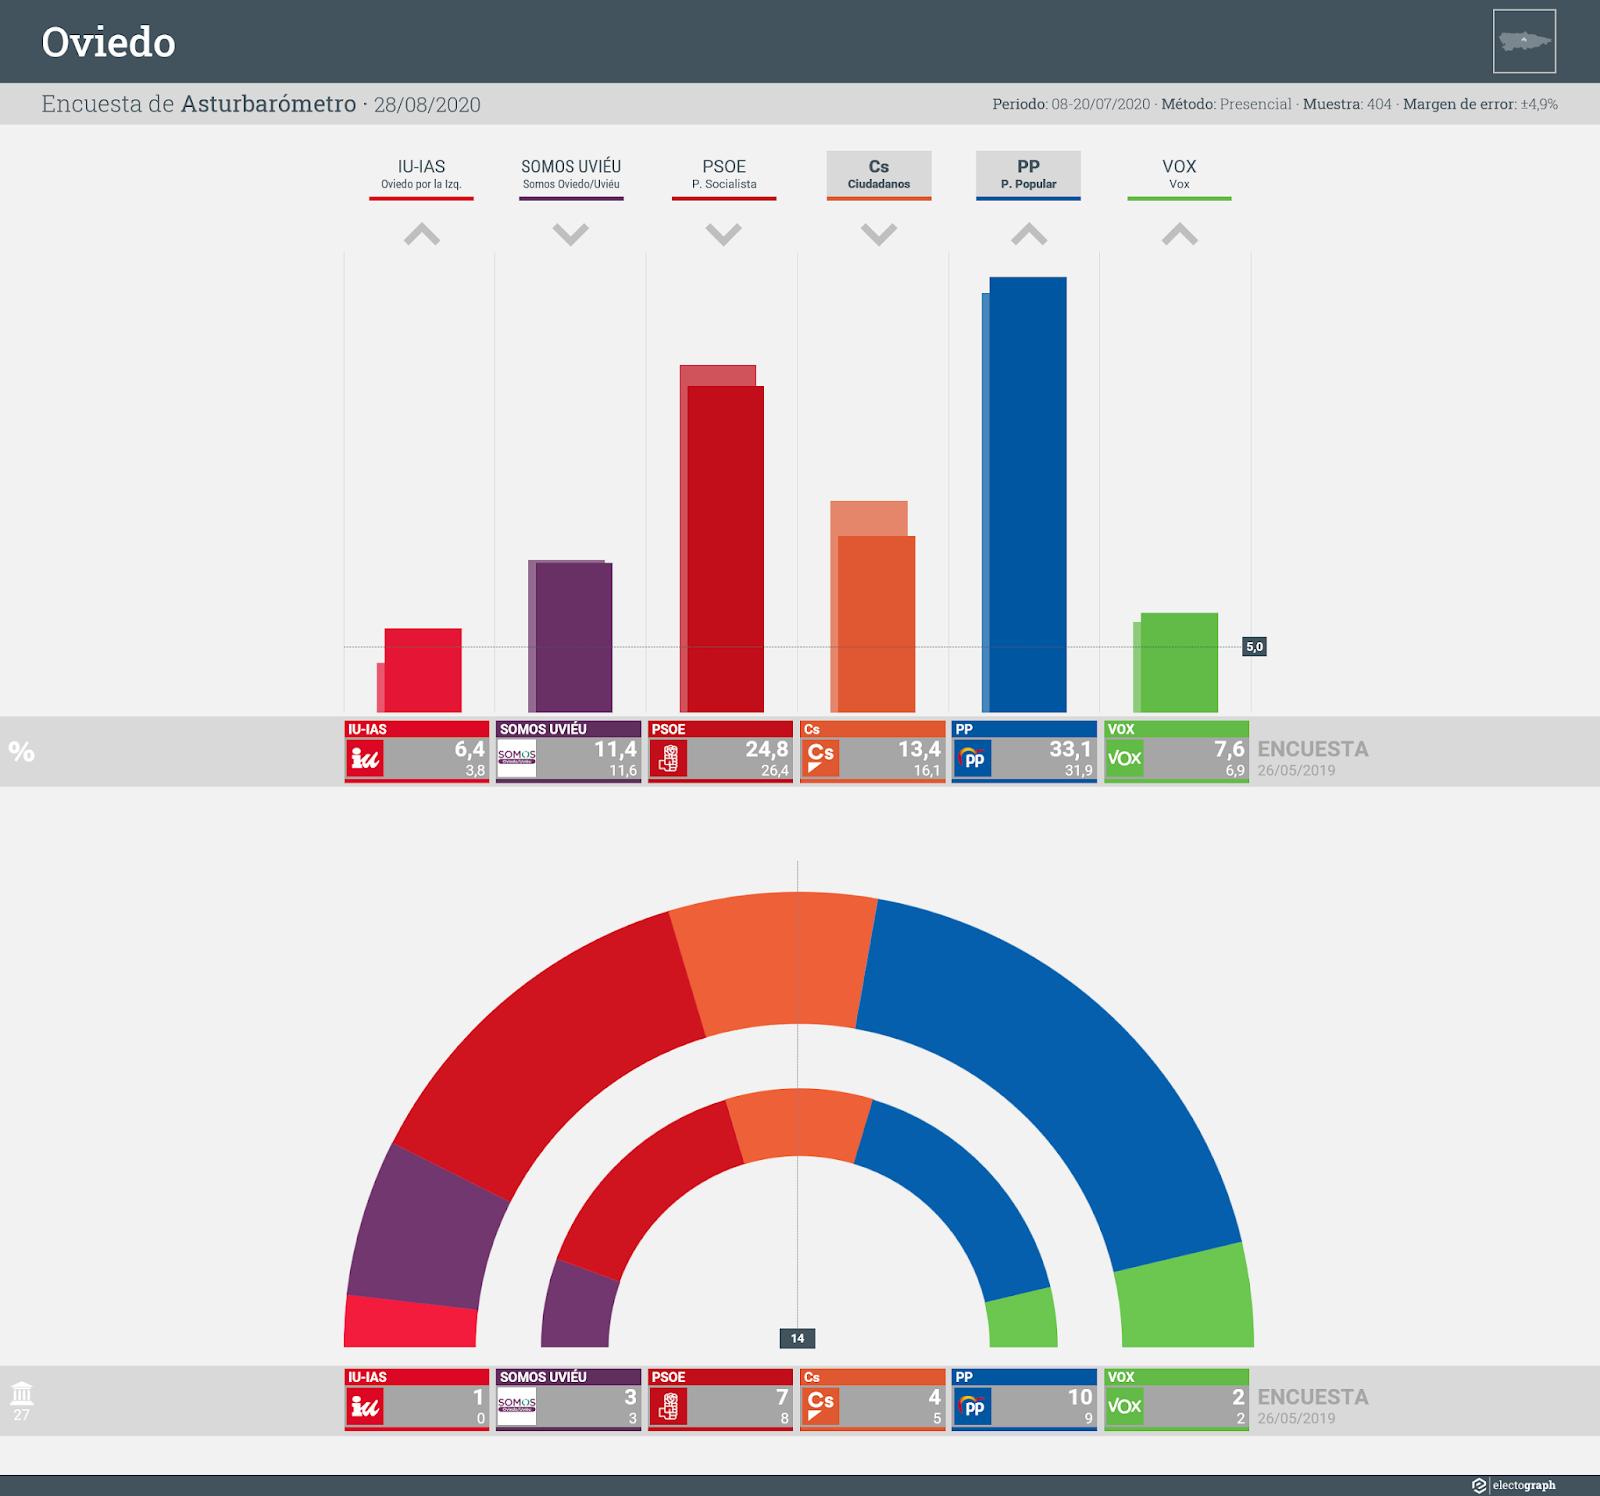 Gráfico de la encuesta para elecciones municipales en Oviedo realizada por Asturbarómetro, 28 de agosto de 2020